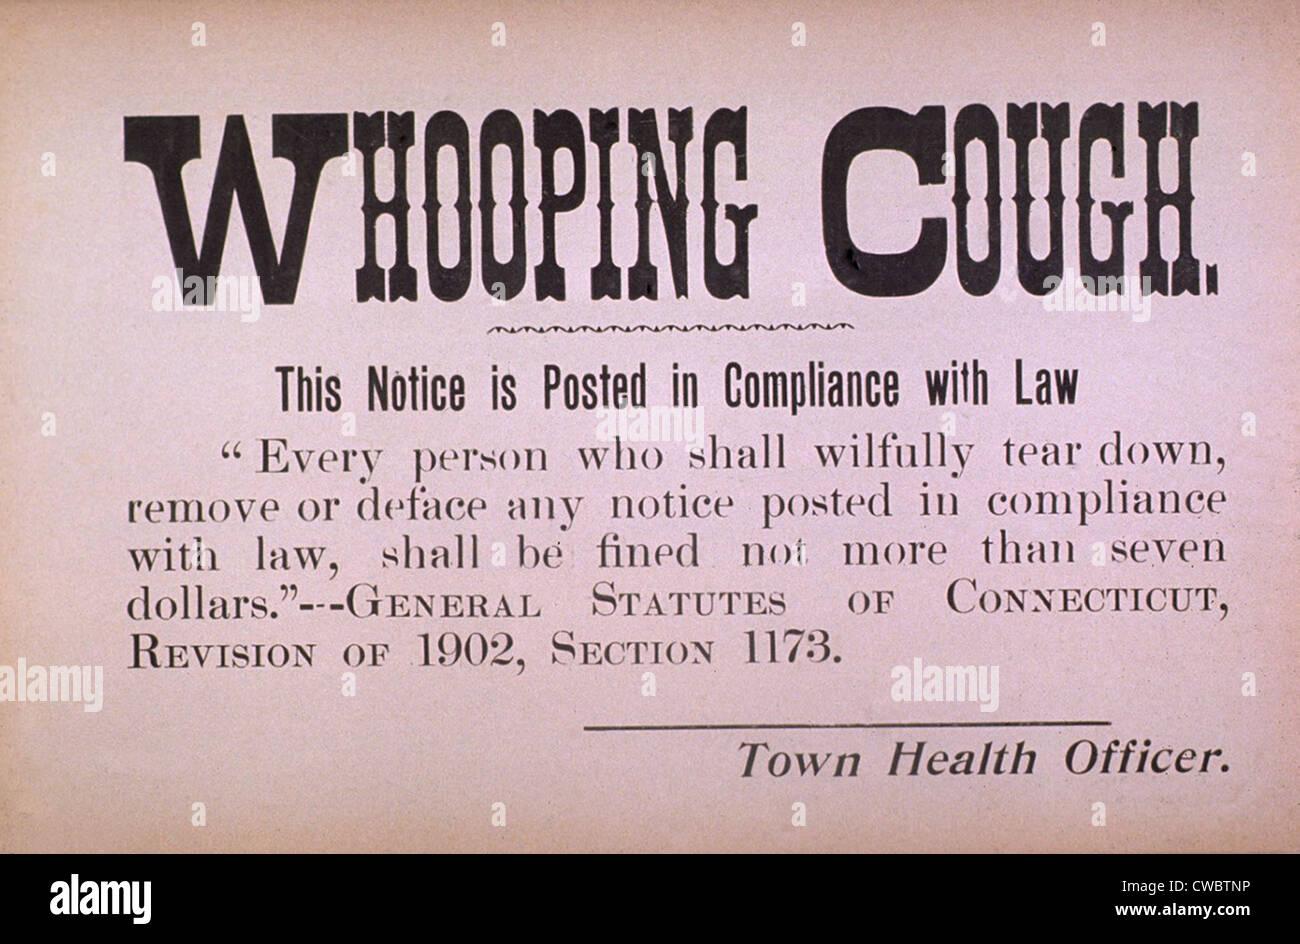 A principios del siglo XX, signo de cuarentena para la enfermedad contagiosa de tos ferina. Imagen De Stock